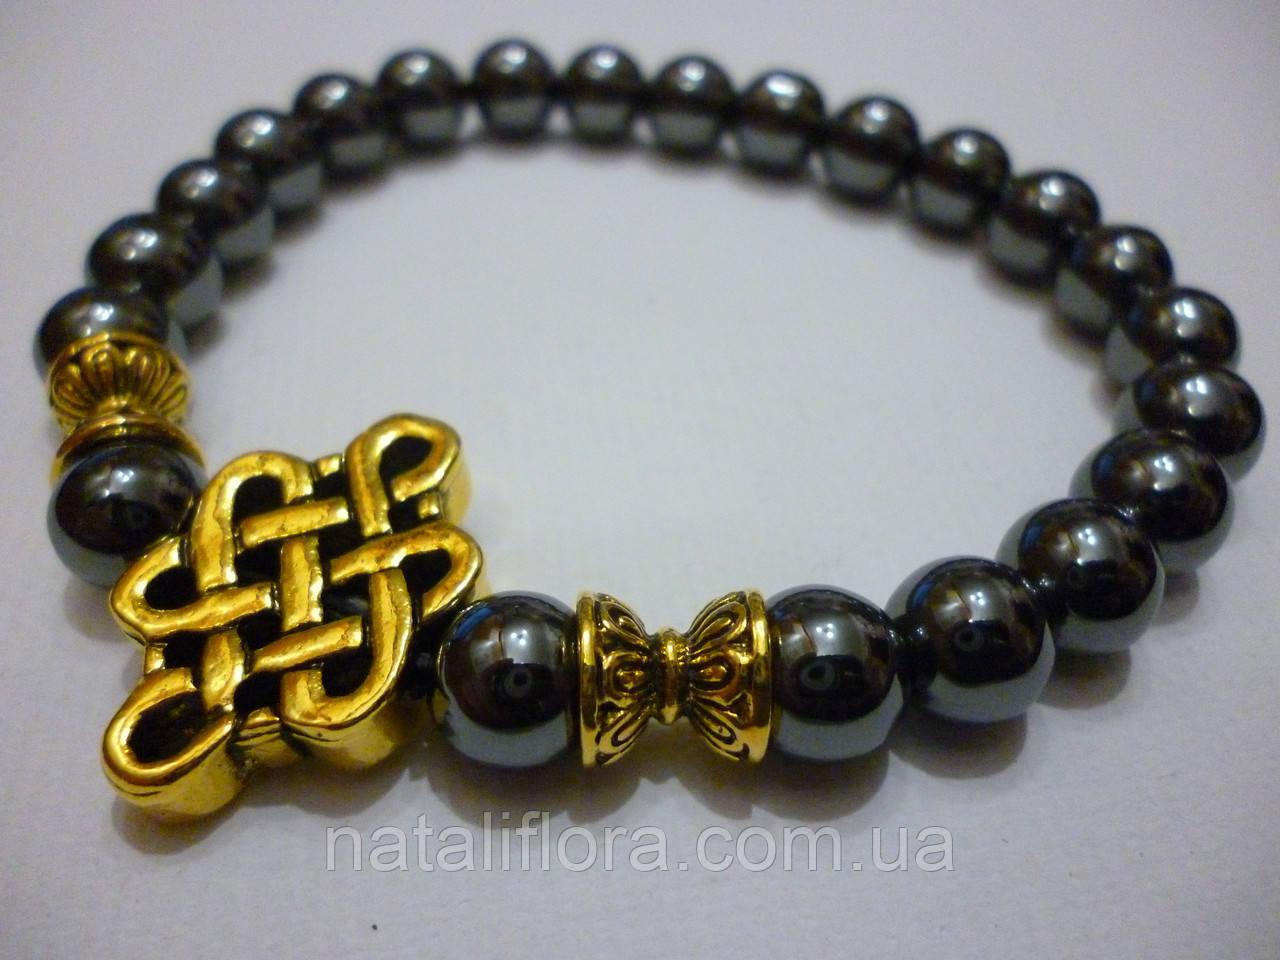 Купить браслет амулет из натуральных камней амулеты маори купить